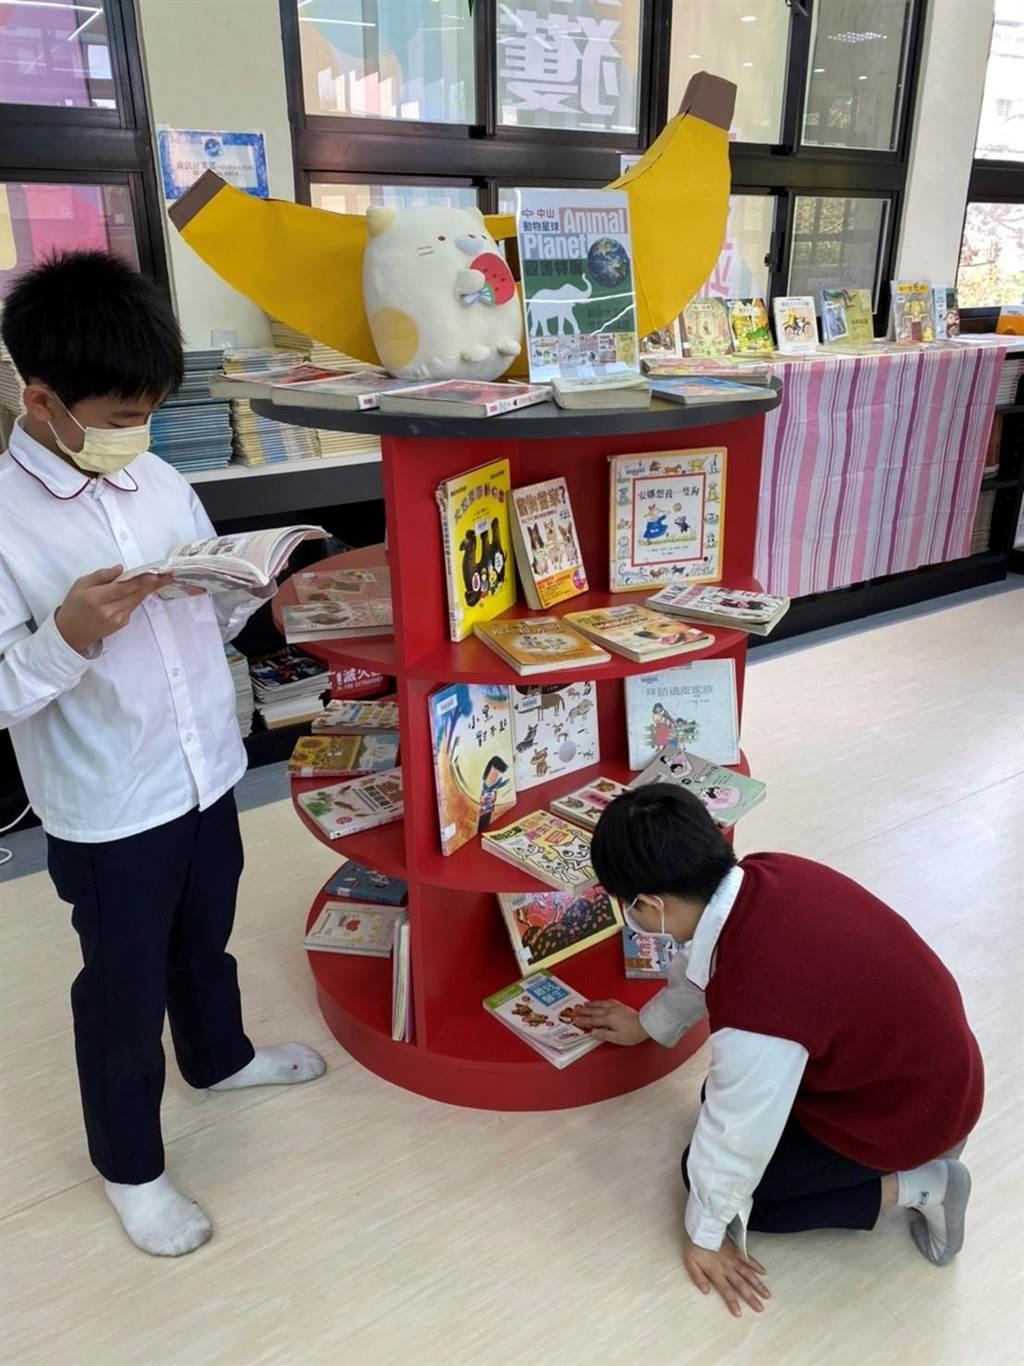 除了動態活動外,學校圖書館的主題書展也呈現「動物保育」議題相關的書籍,同學在閱讀的同時,能與動態的經驗相結合,達到深化學習的成果。(北市私立中山小學提供/游念育台北傳真)